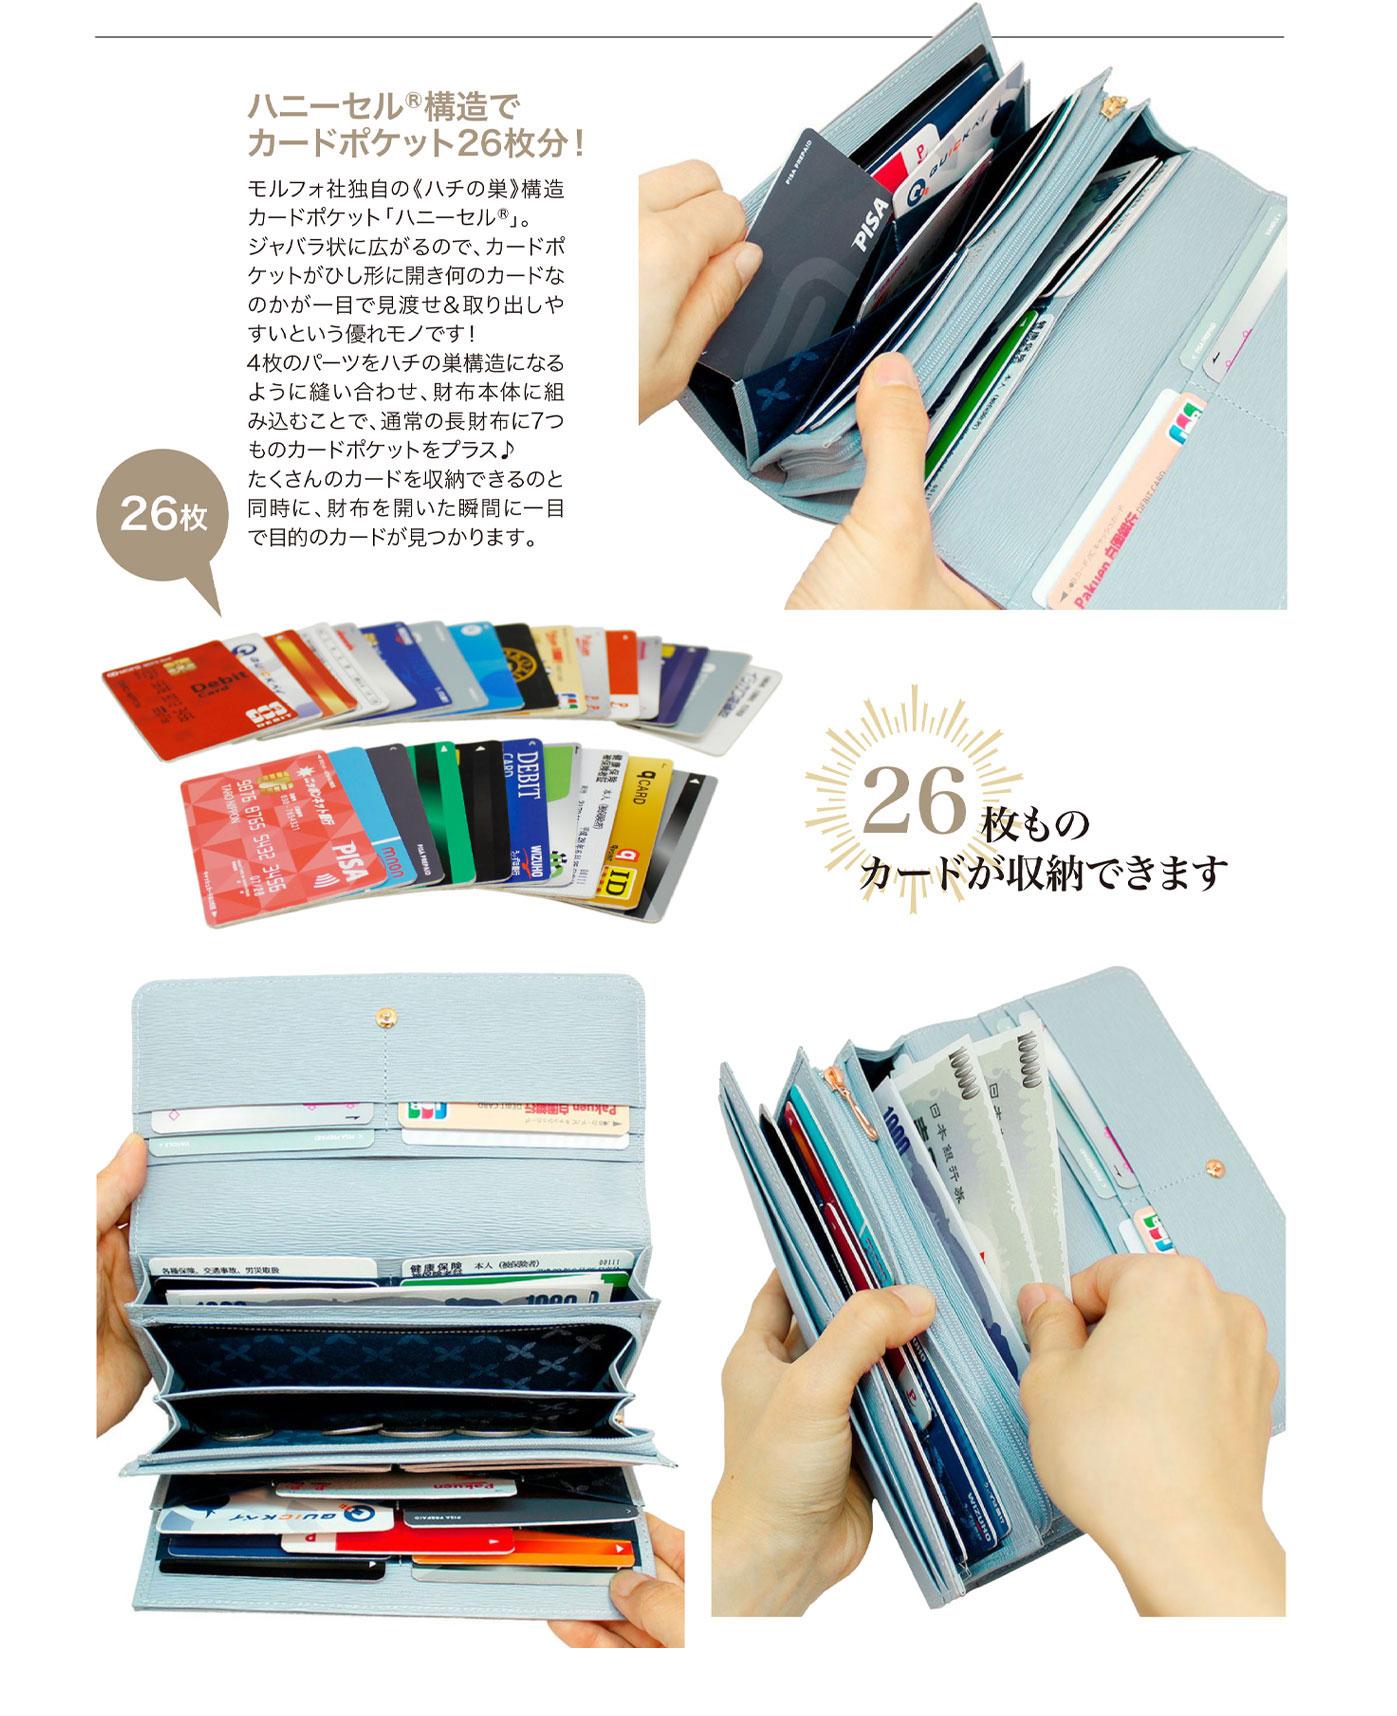 キプリス リサッカ【WEB限定商品】かぶせハニーセル長財布リサッカ。26枚ものカードが収納可能